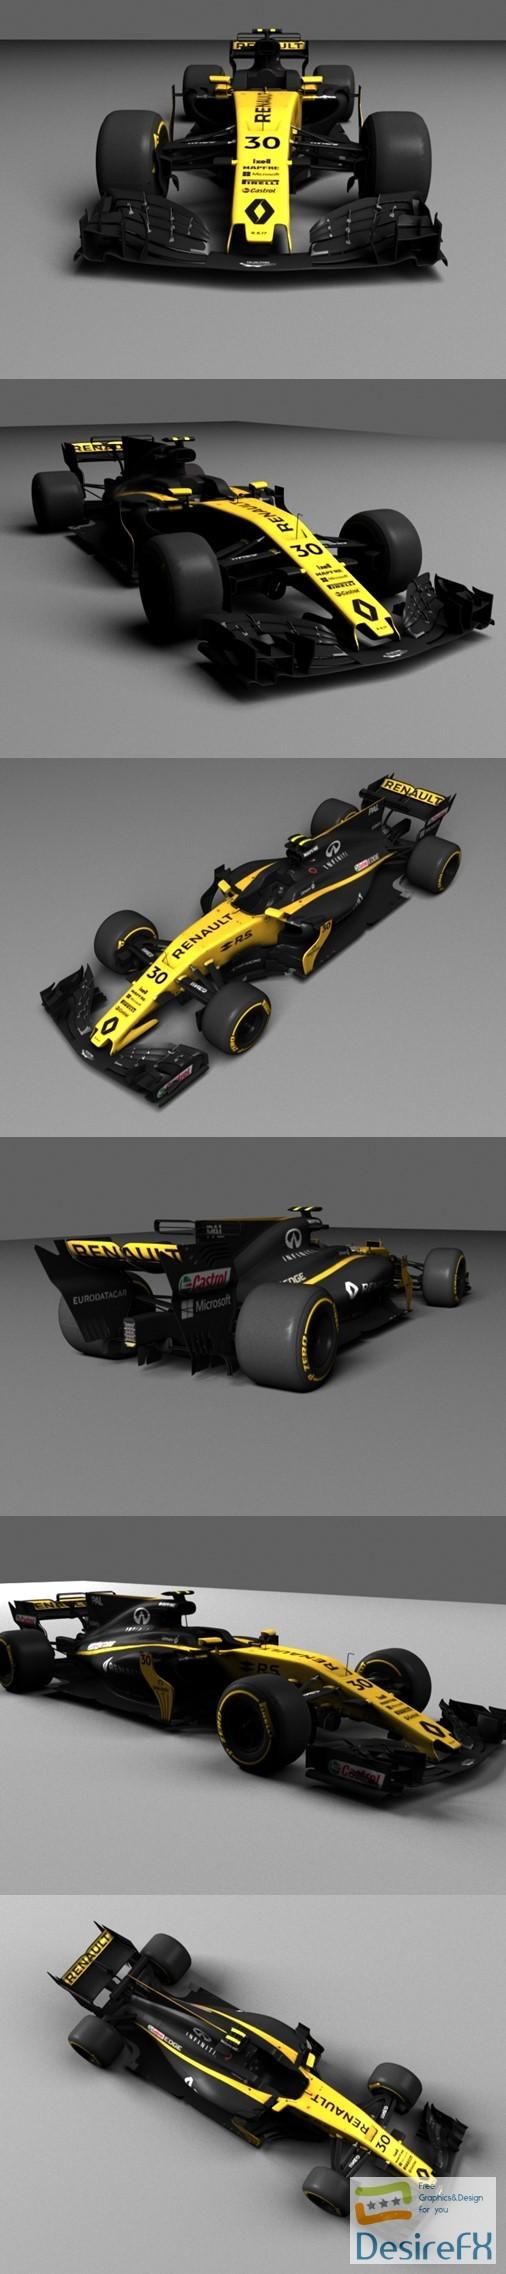 3d-models - Renault RS 17 3D Model